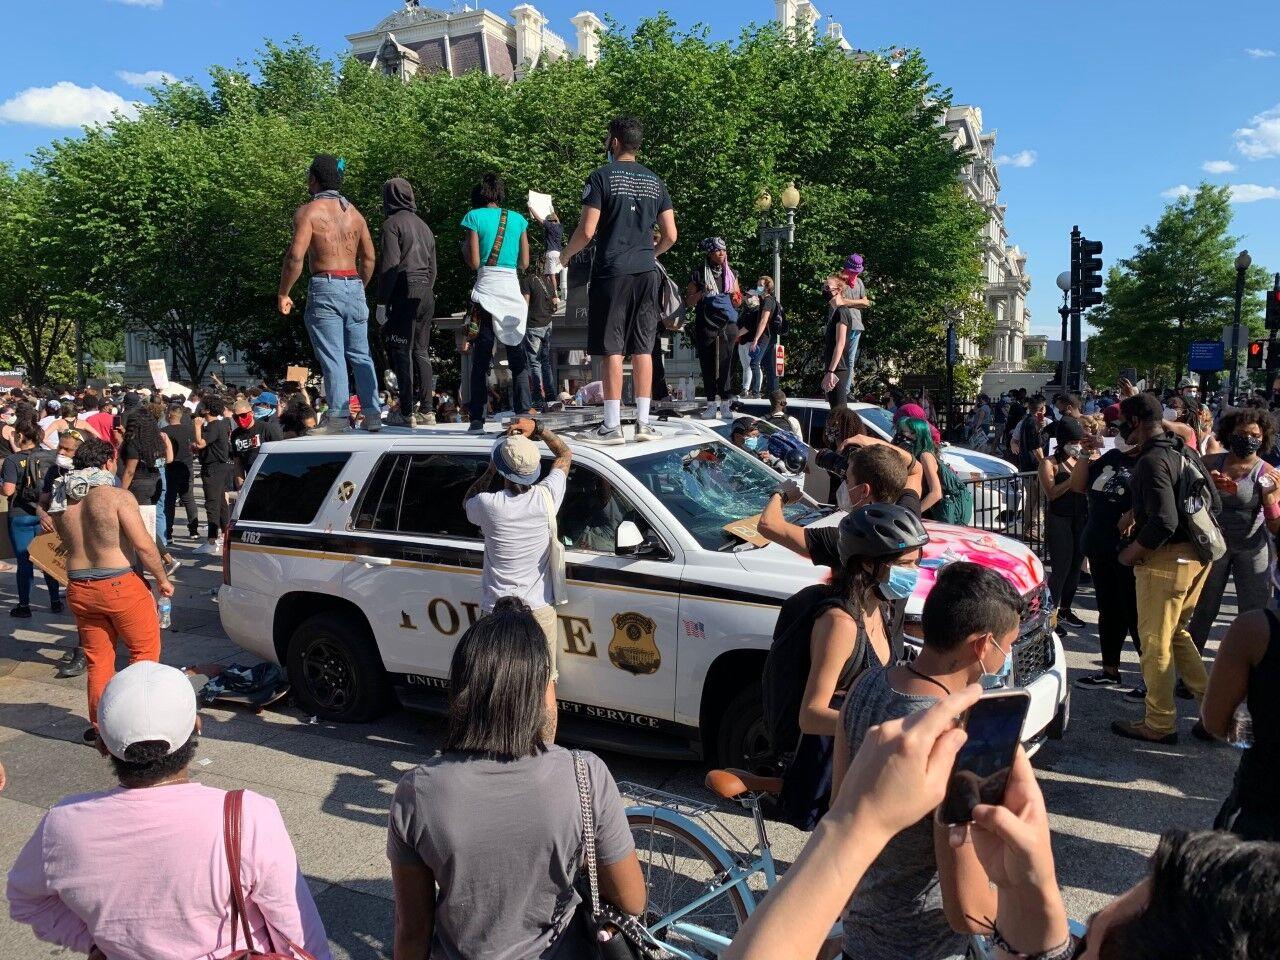 【衝撃】アメリカの暴動、もう止まらない……(※衝撃画像あり)